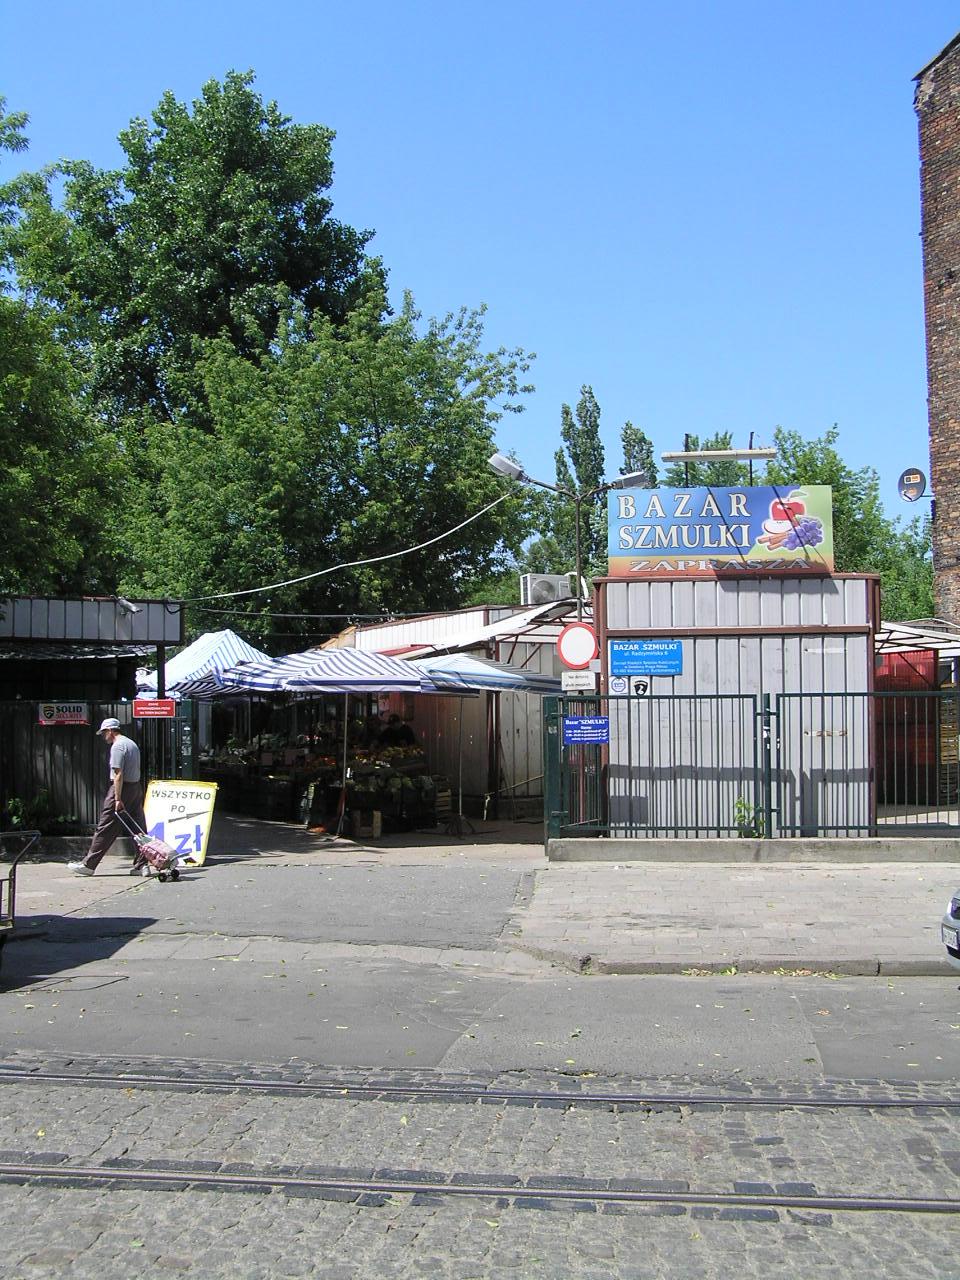 Bazar Szmulki